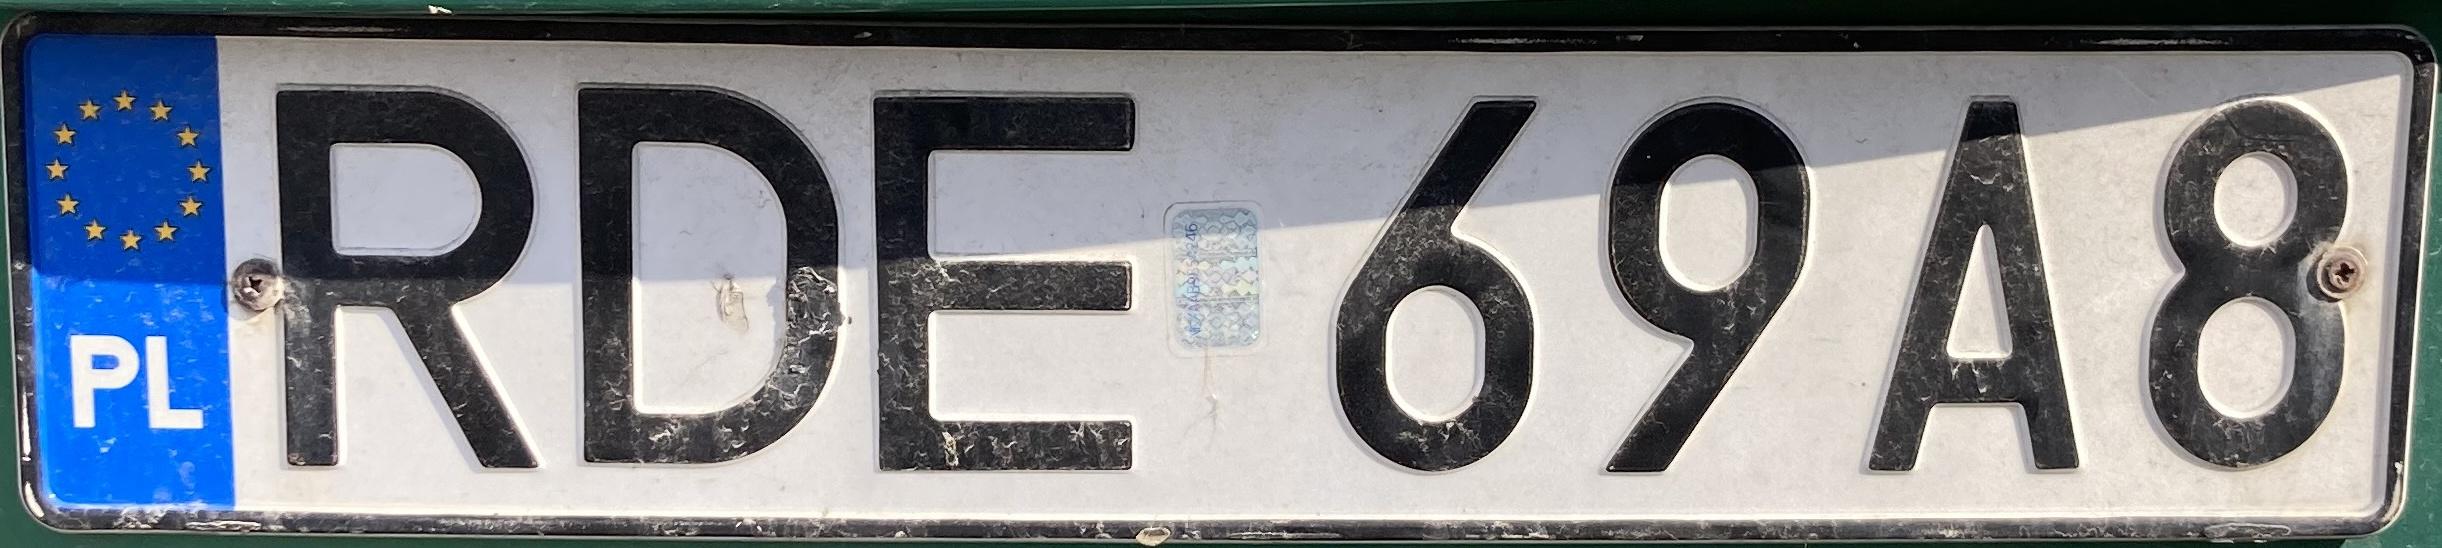 Registrační značka Polsko - RDE - Dębica, foto: www.podalnici.cz